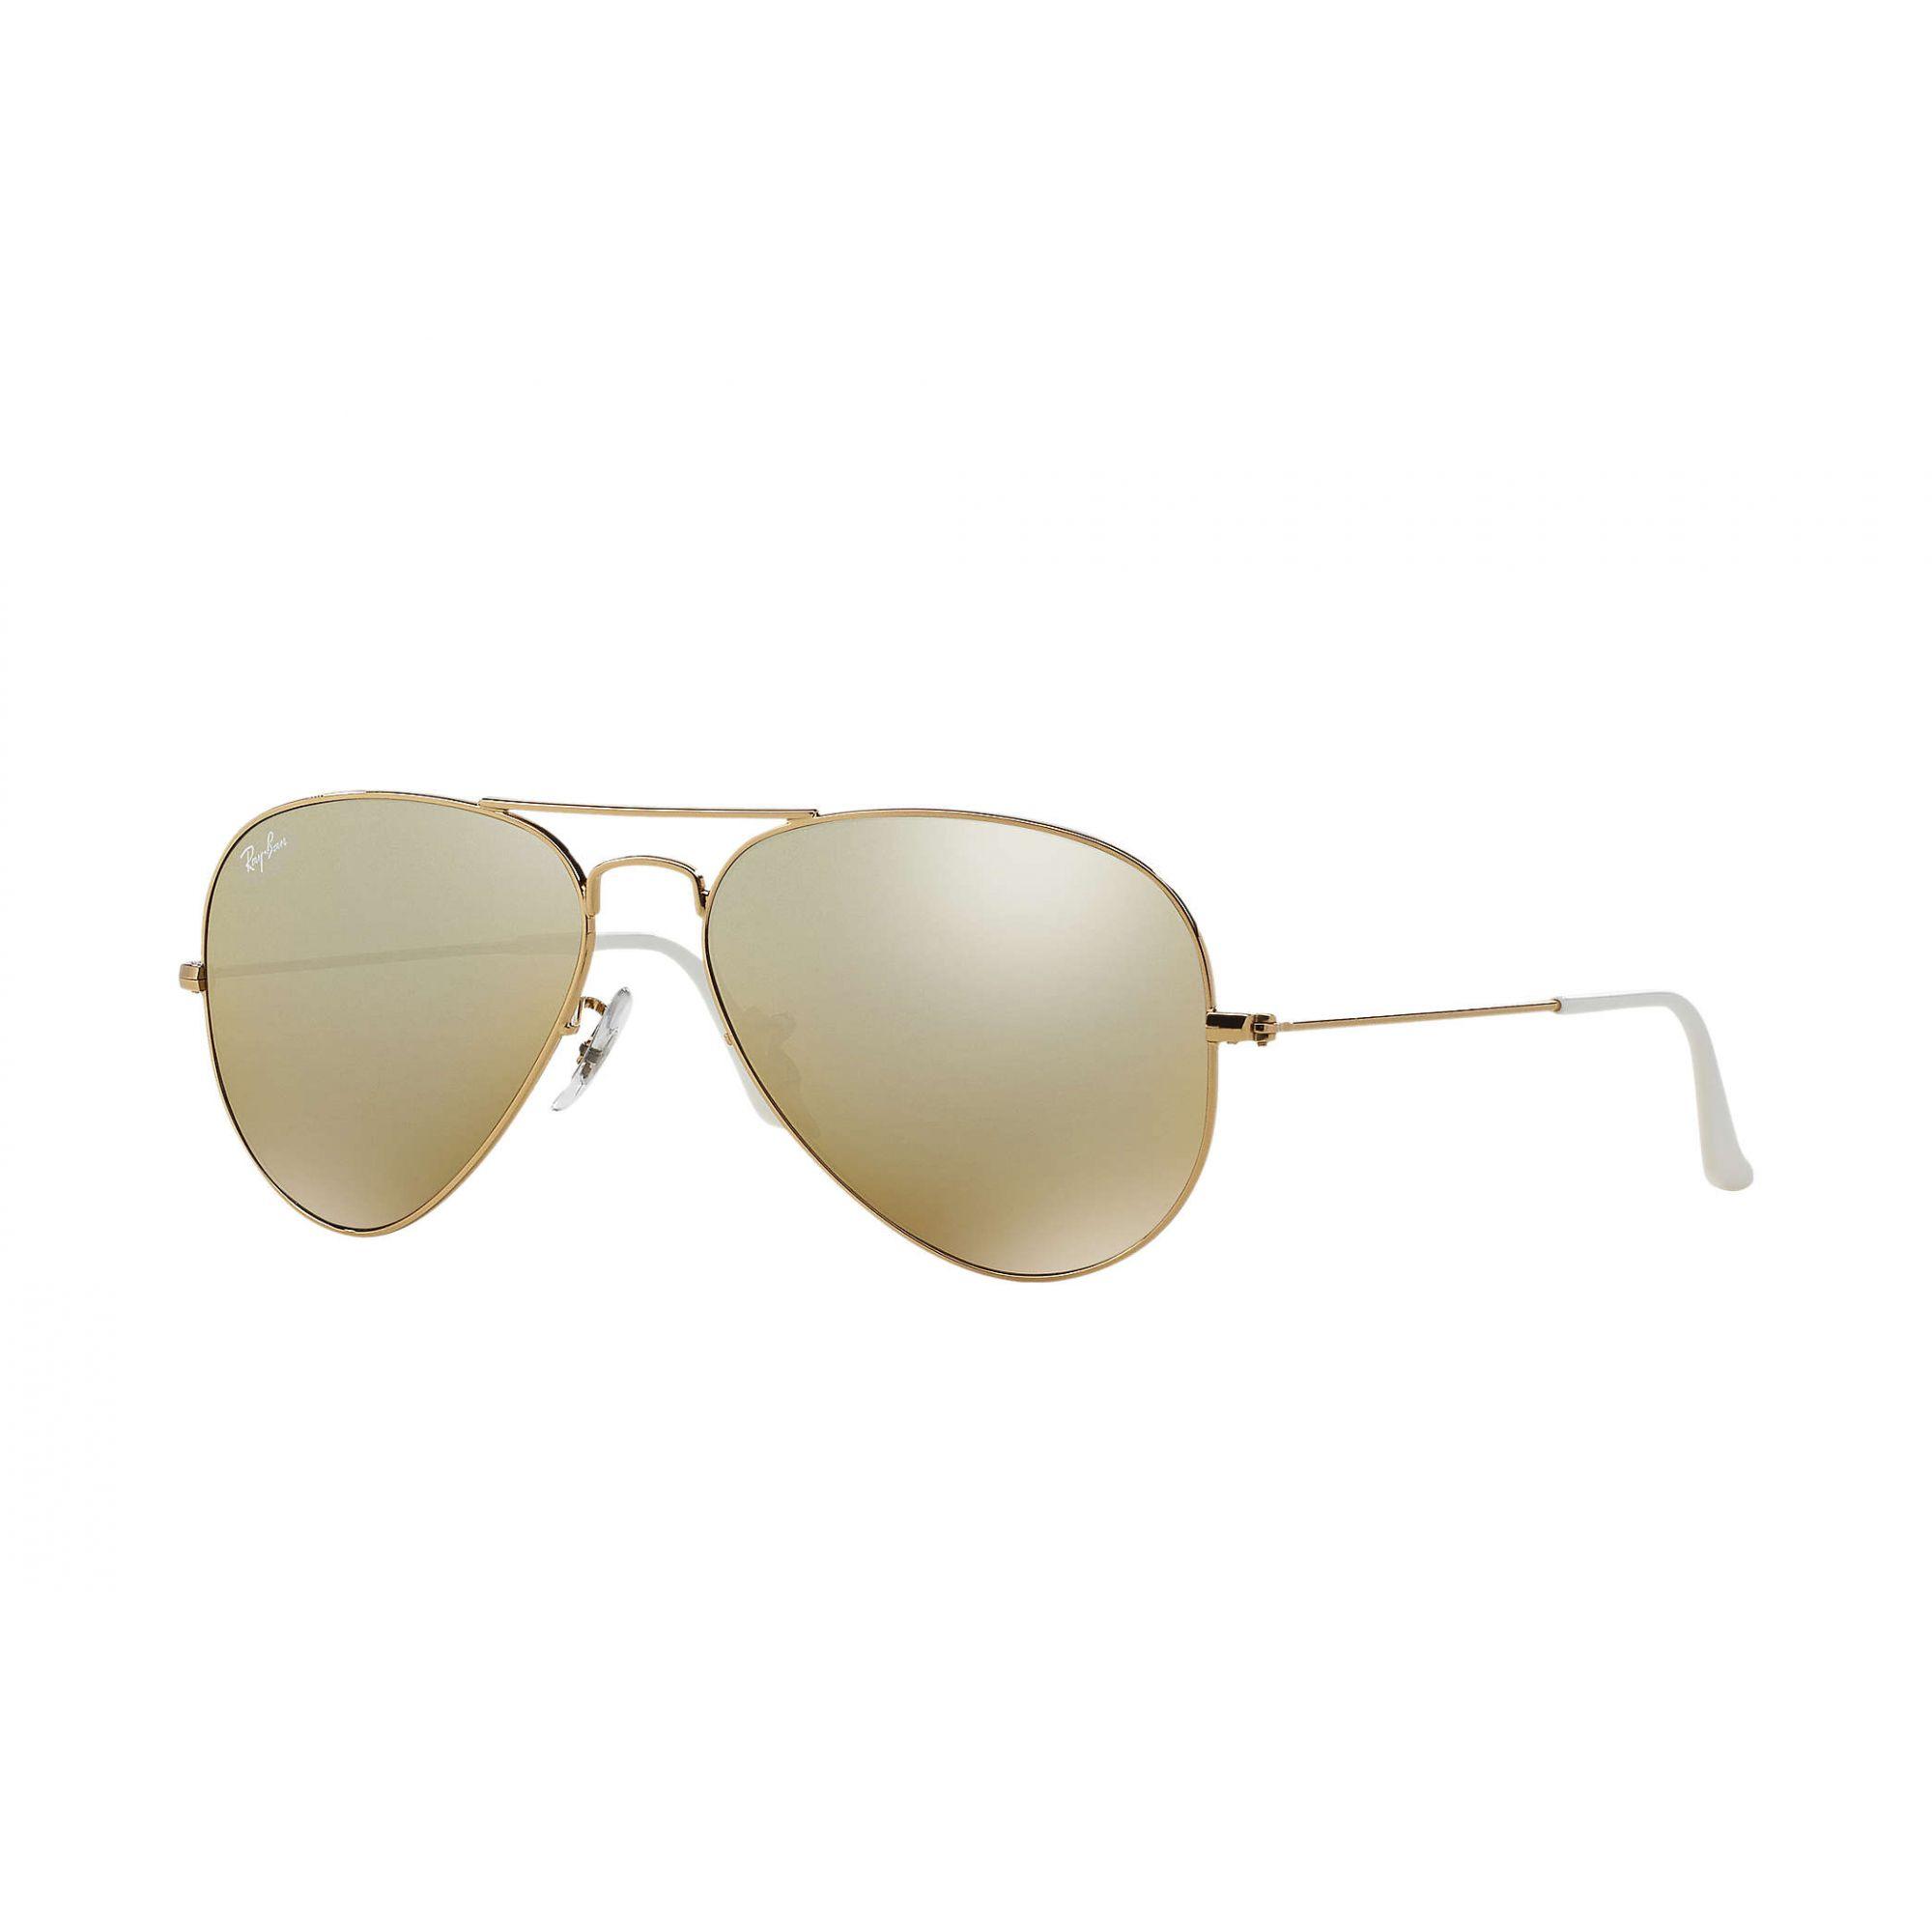 ce535050b9220 Ray Ban Aviador RB 3025L 001 3k - Dourado Marrom Degrade Espelhado - Ótica